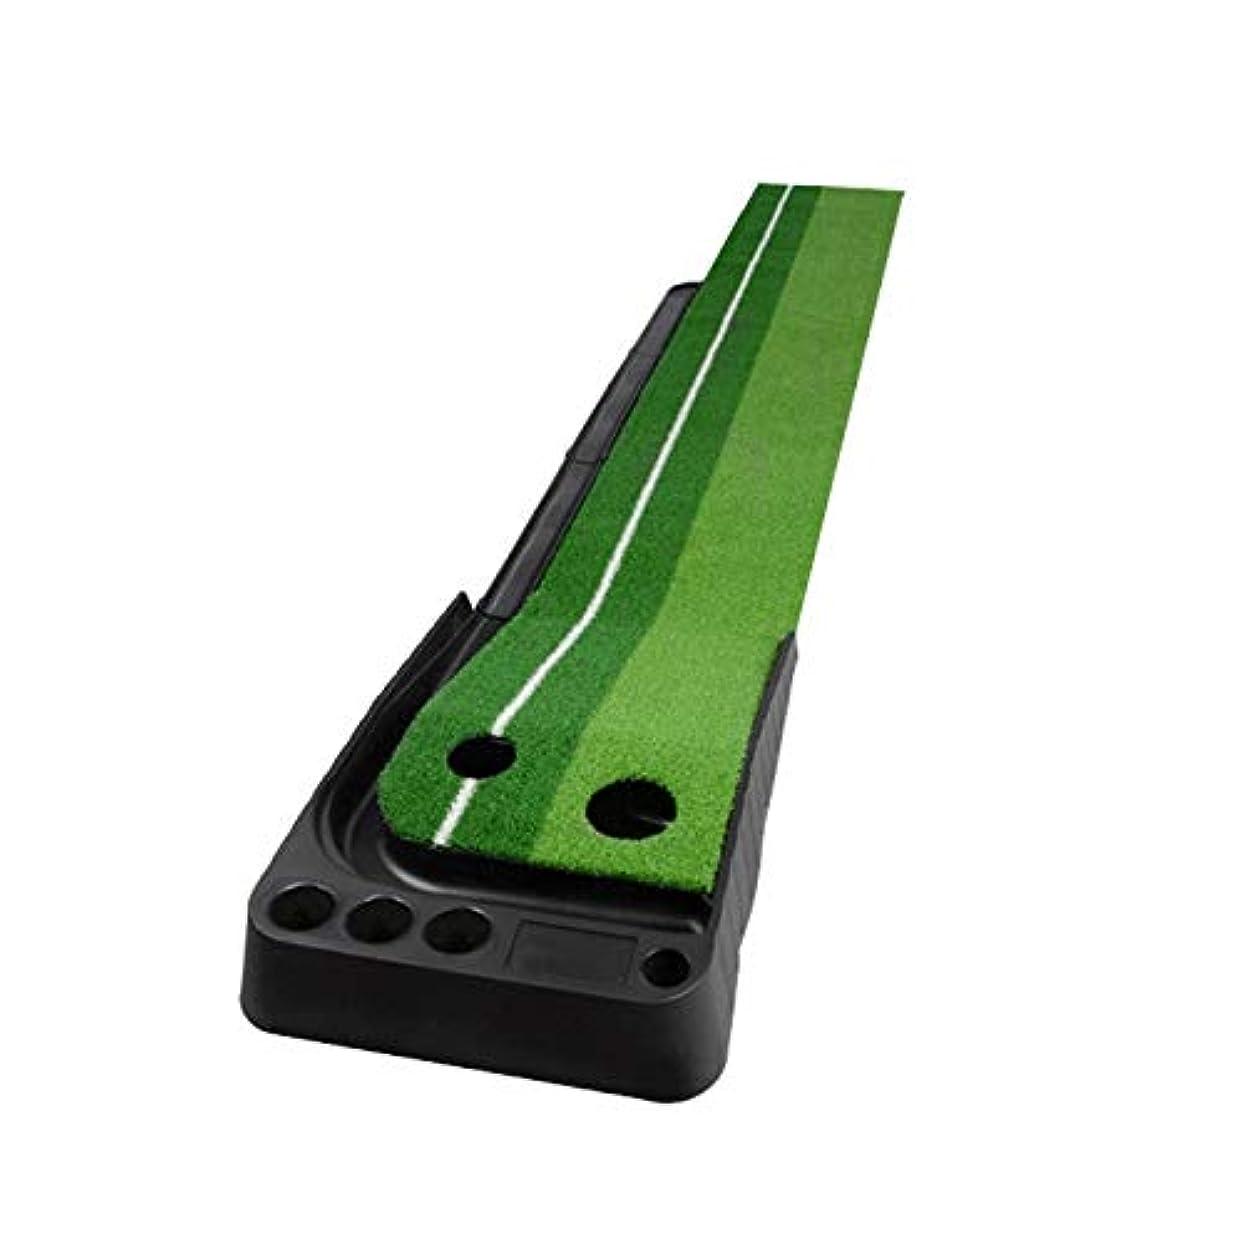 健康的ケーブルカー知覚するゴルフ用品 オートボールリターンフェアウェイとPGMゴルフミニパッティングマットプッシュロッドトレーナー2.5m